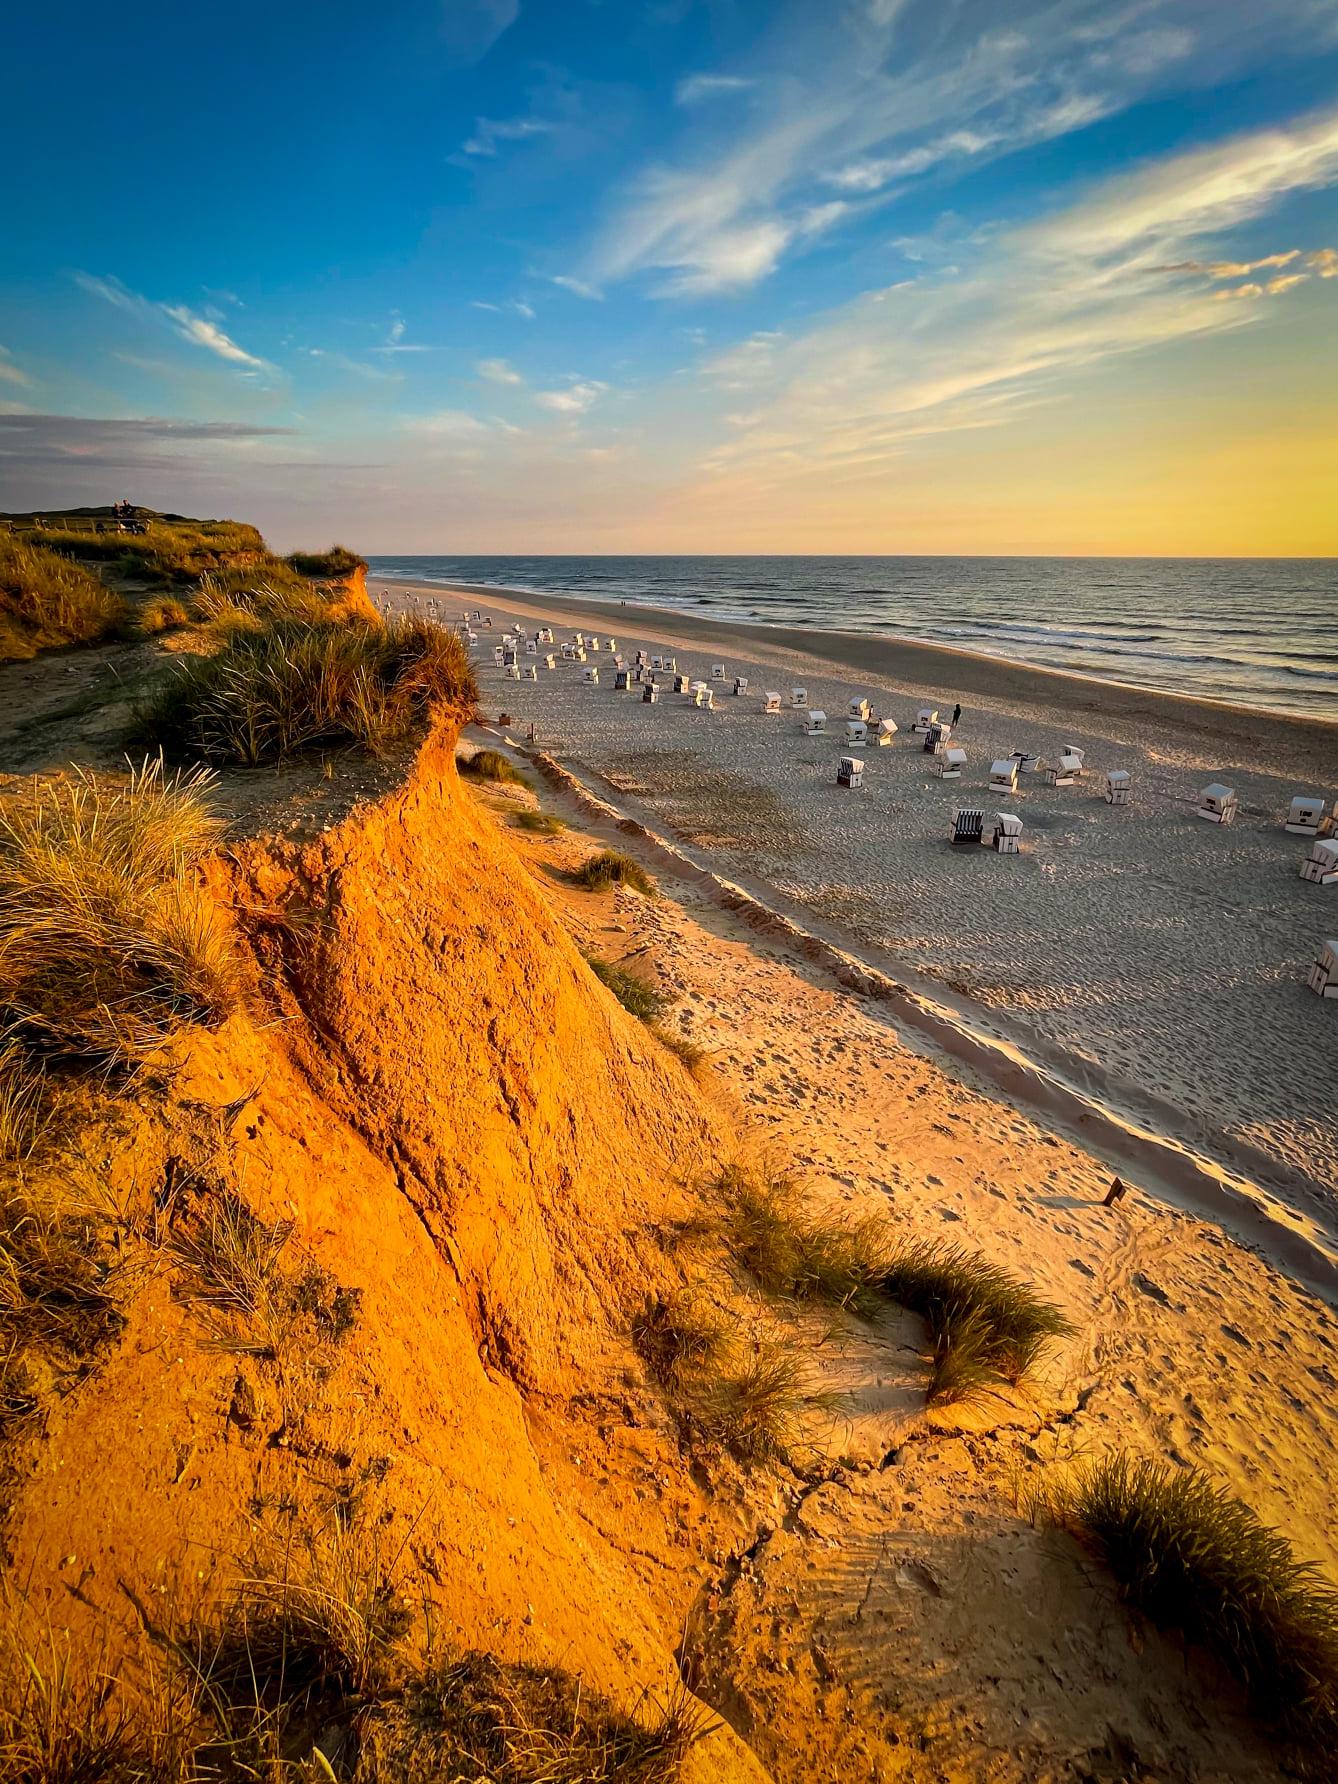 Traumhafter Sonnenuntergang taucht das Rote Kliff in Kampen in ein wunderbares Licht